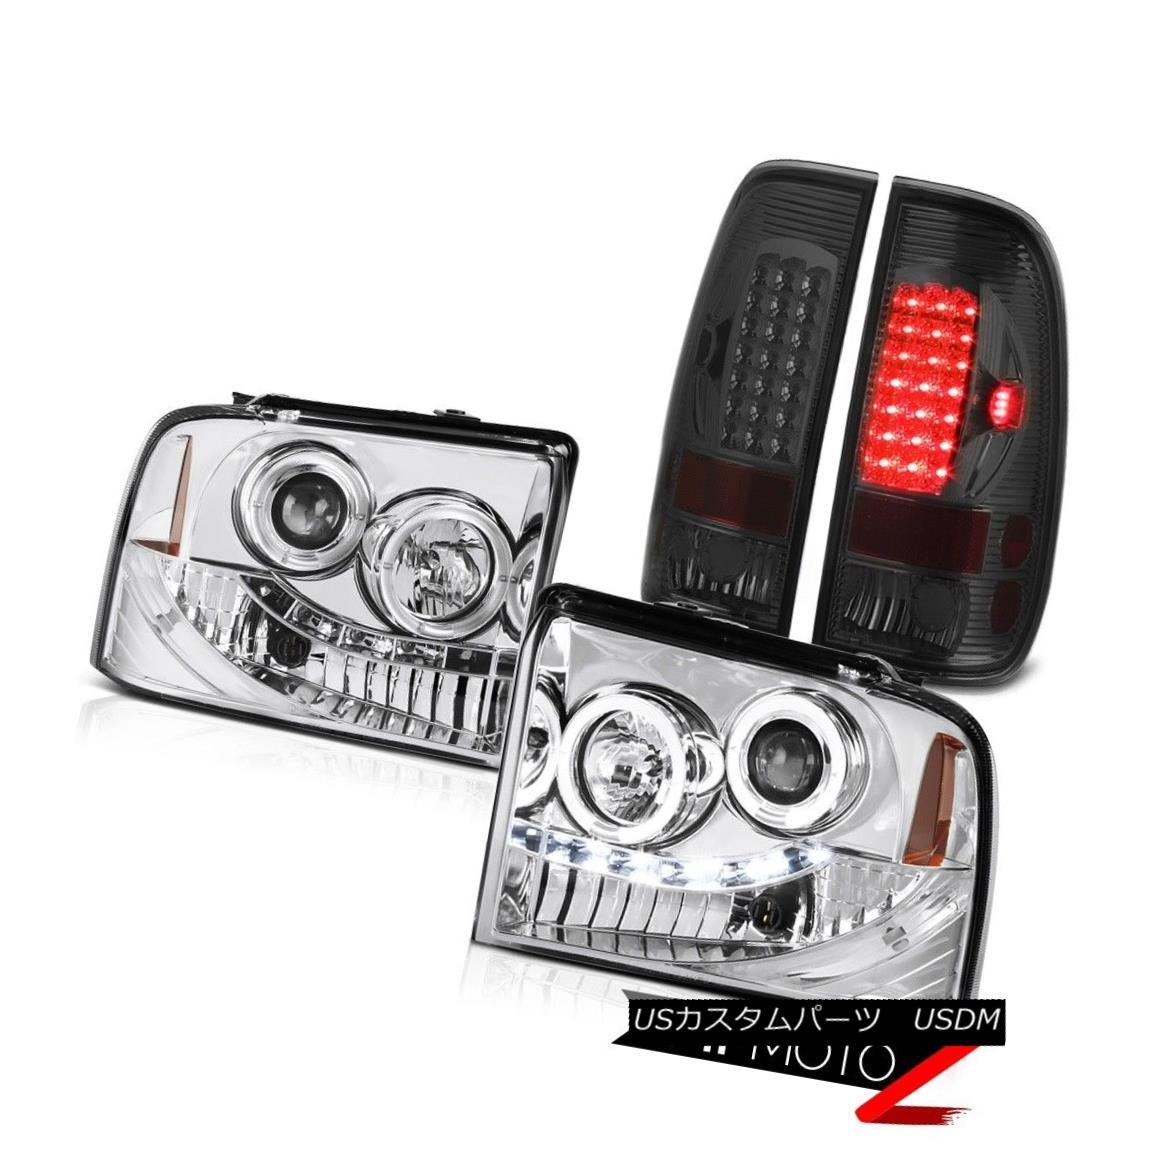 ヘッドライト Twin Halo LED Headlamps Signal Brake Tail Lights Ford F350 TurboDiesel XLT 05-07 ツインハローLEDヘッドランプ信号ブレーキテールライトフォードF350ターボディーゼルXLT 05-07